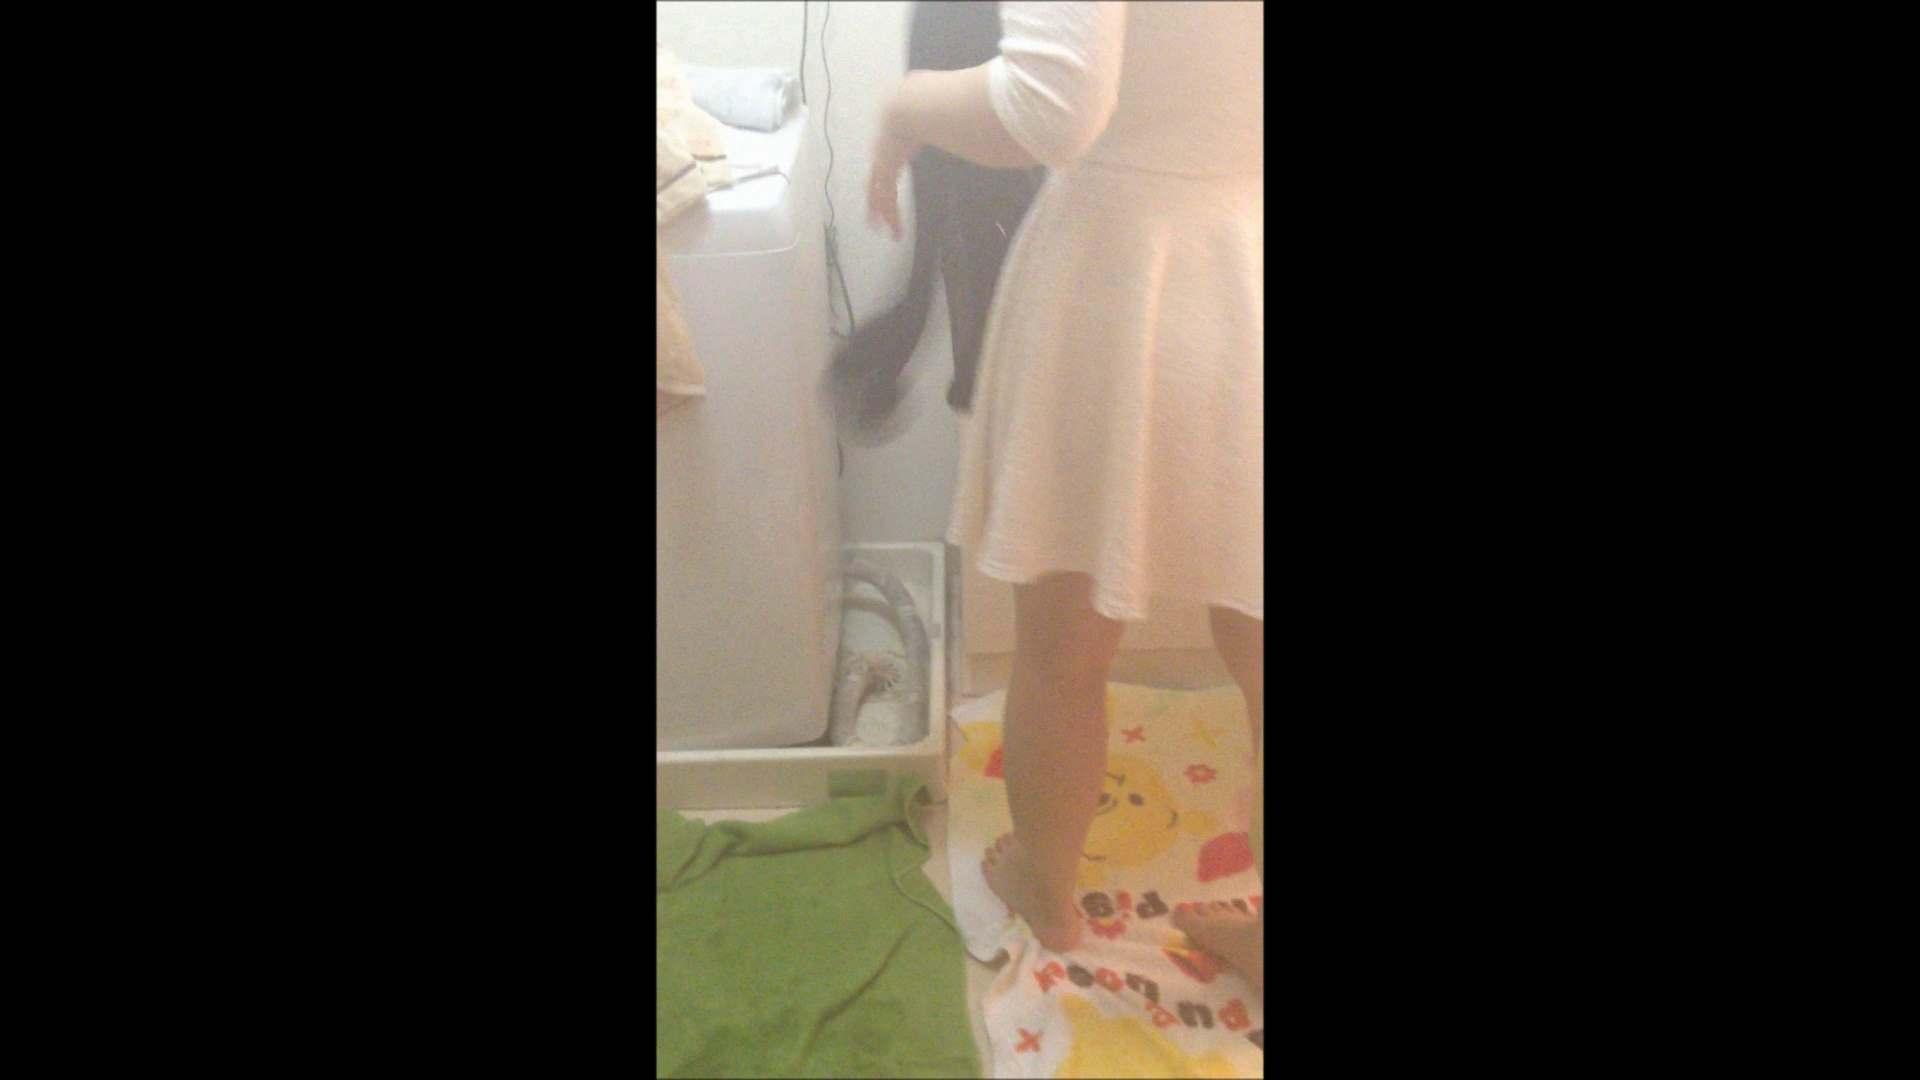 03(3日目)お風呂をイヤイヤ撮らせてくれた オマンコ大放出   覗き  100pic 25